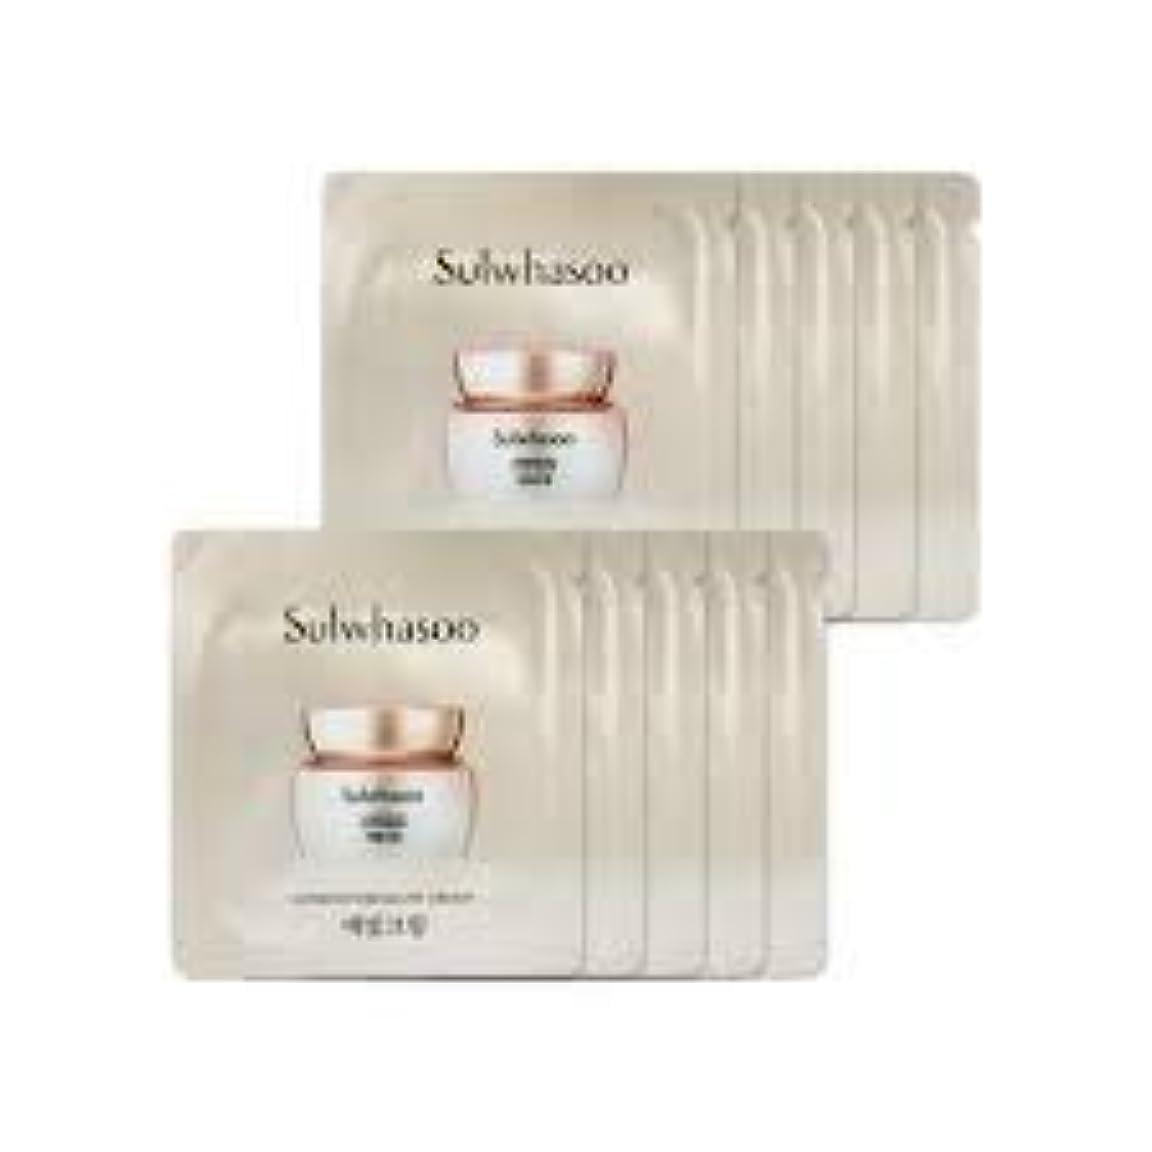 許容できる面倒肥料[ソルファス ] Sulwhasoo (雪花秀) ルミナチュアグロー Luminature Glow Cream 1ml x 30 (イェビトクリーム) [ShopMaster1]